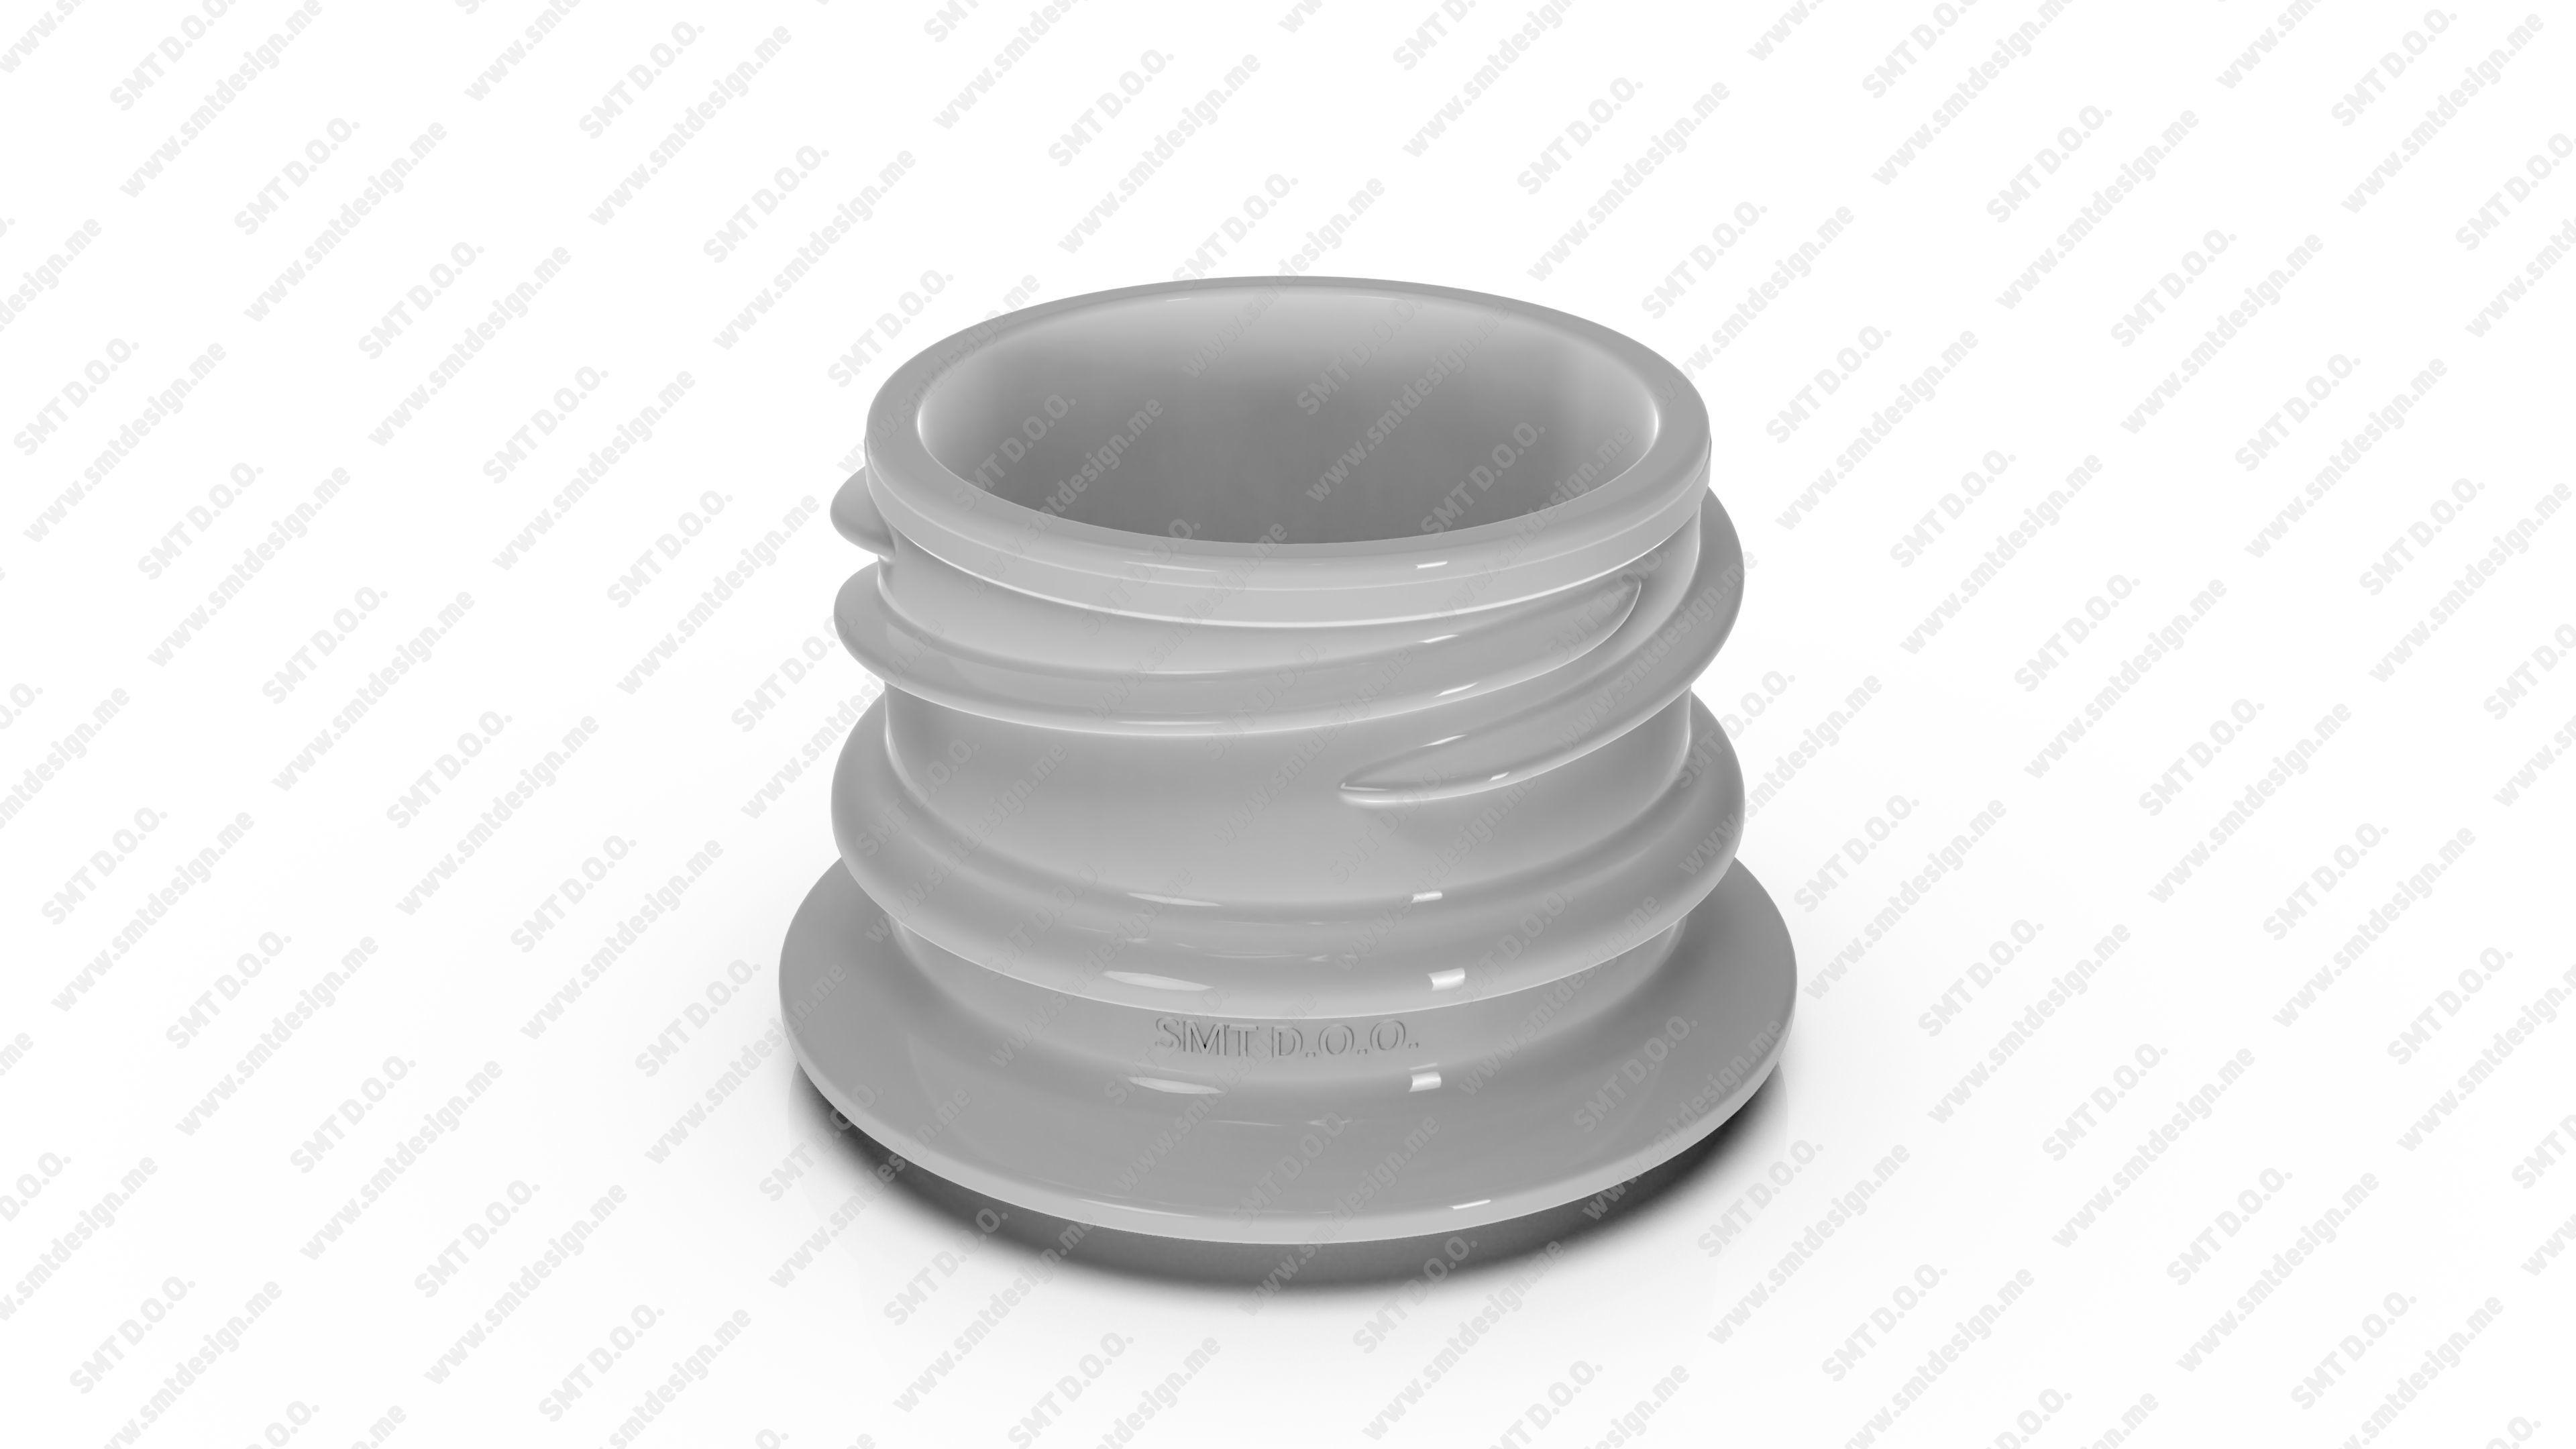 Neck for bottles - Obrist - 28 19 mm